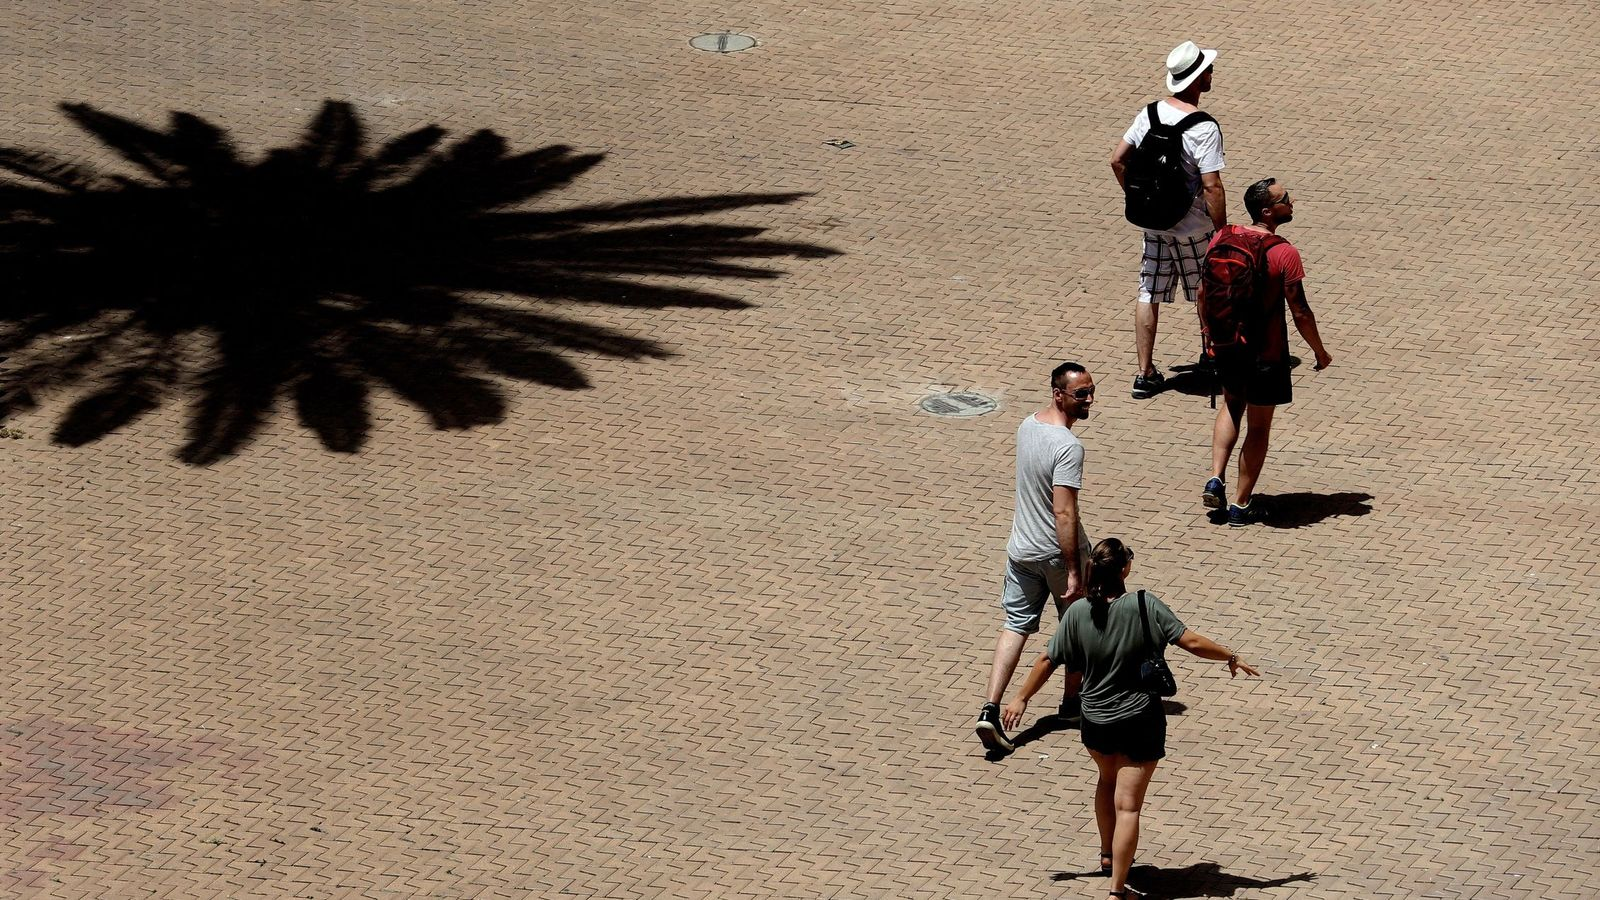 Foto: La ola de calor también llega a Baleares, por donde pasean varios turistas. (EFE)